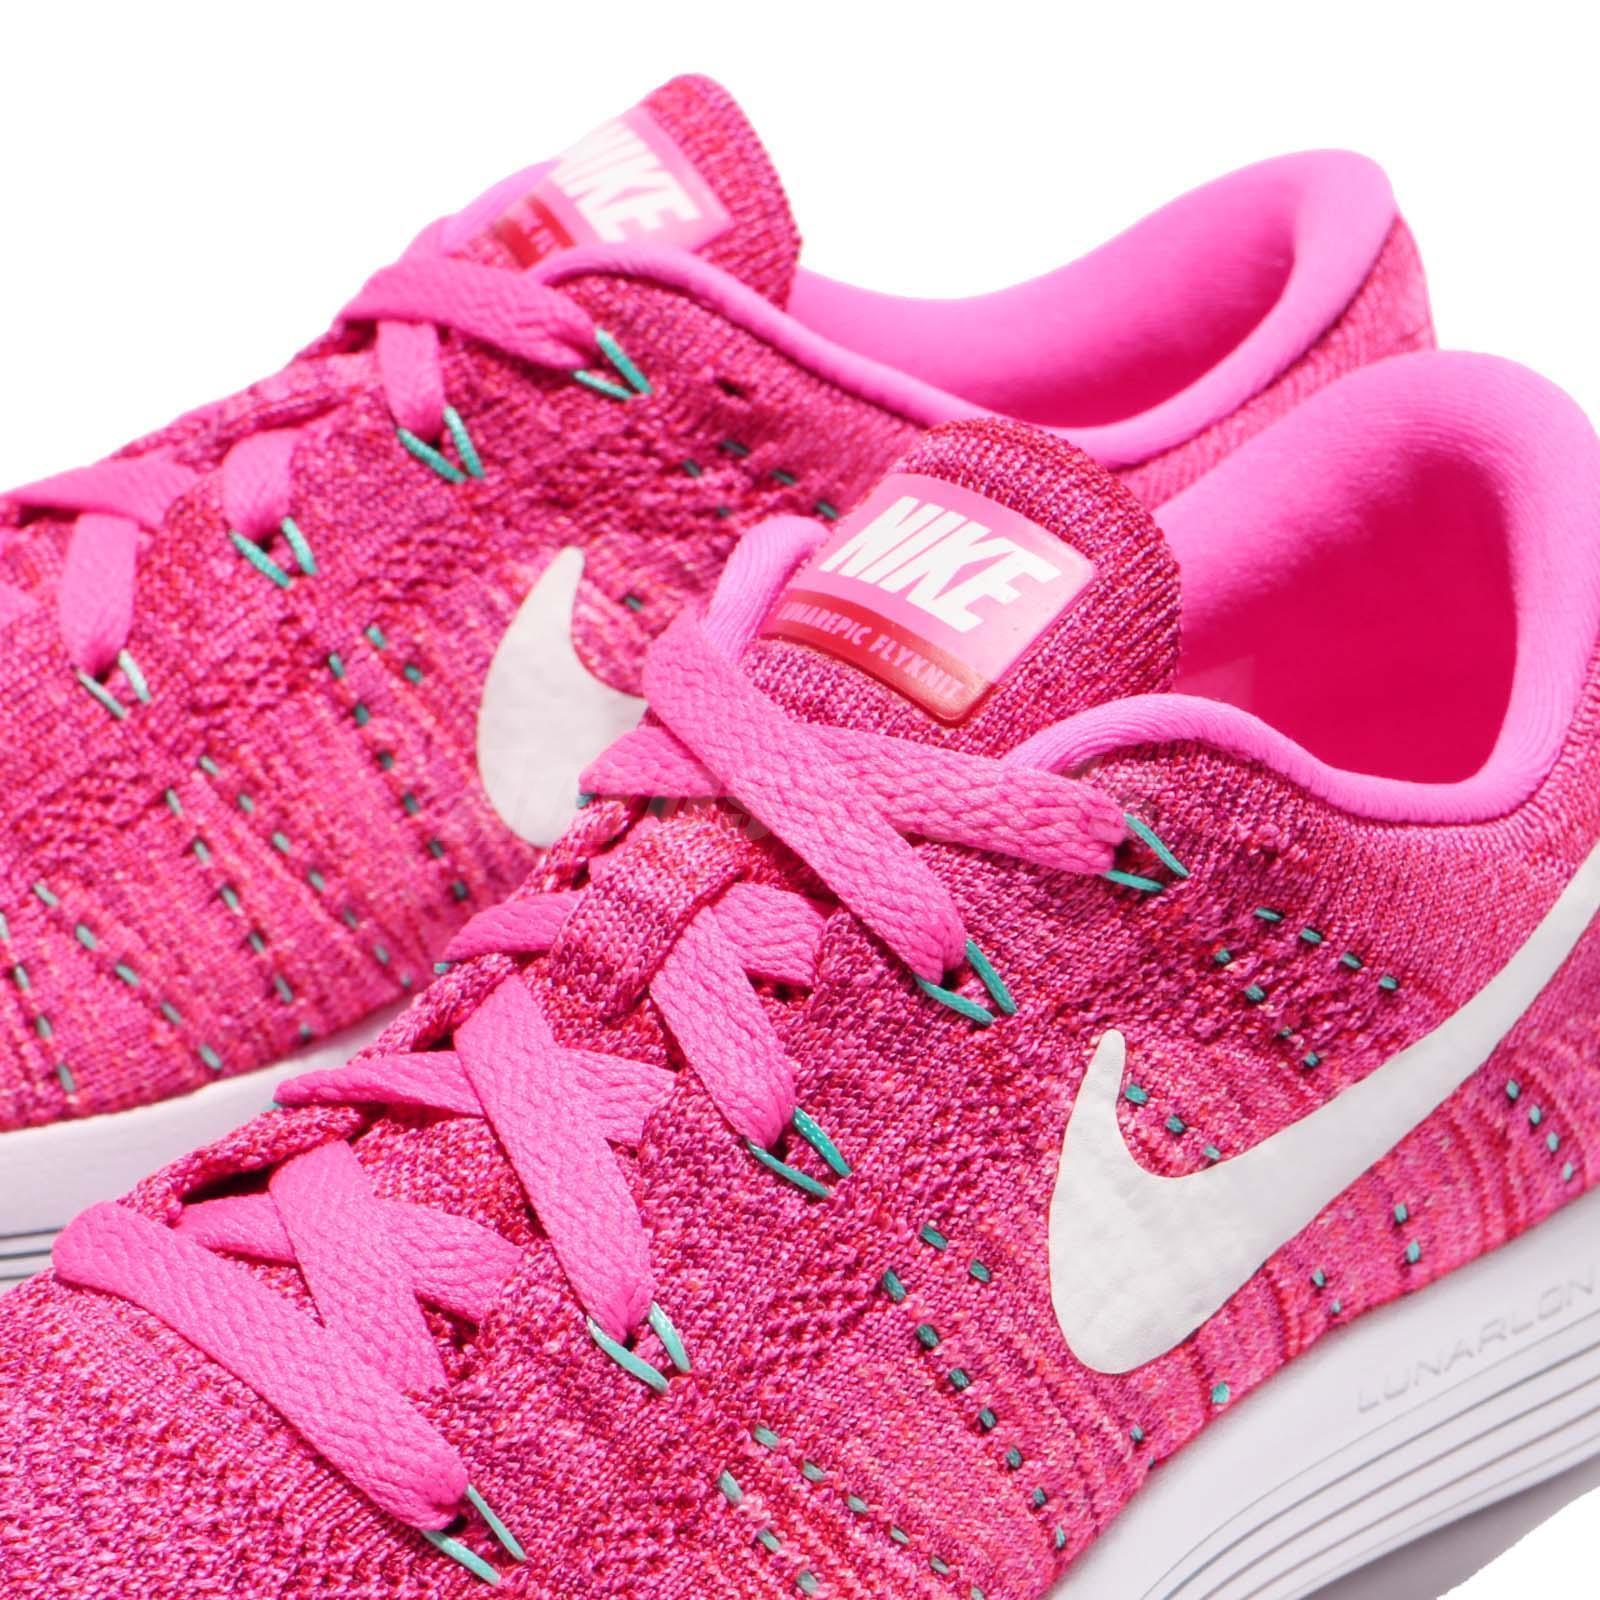 Womens Nike LunarEpic Low Flyknit 843765 601 RunningTraining RunningTraining RunningTraining shoes Sneakers S7 5ef5ce